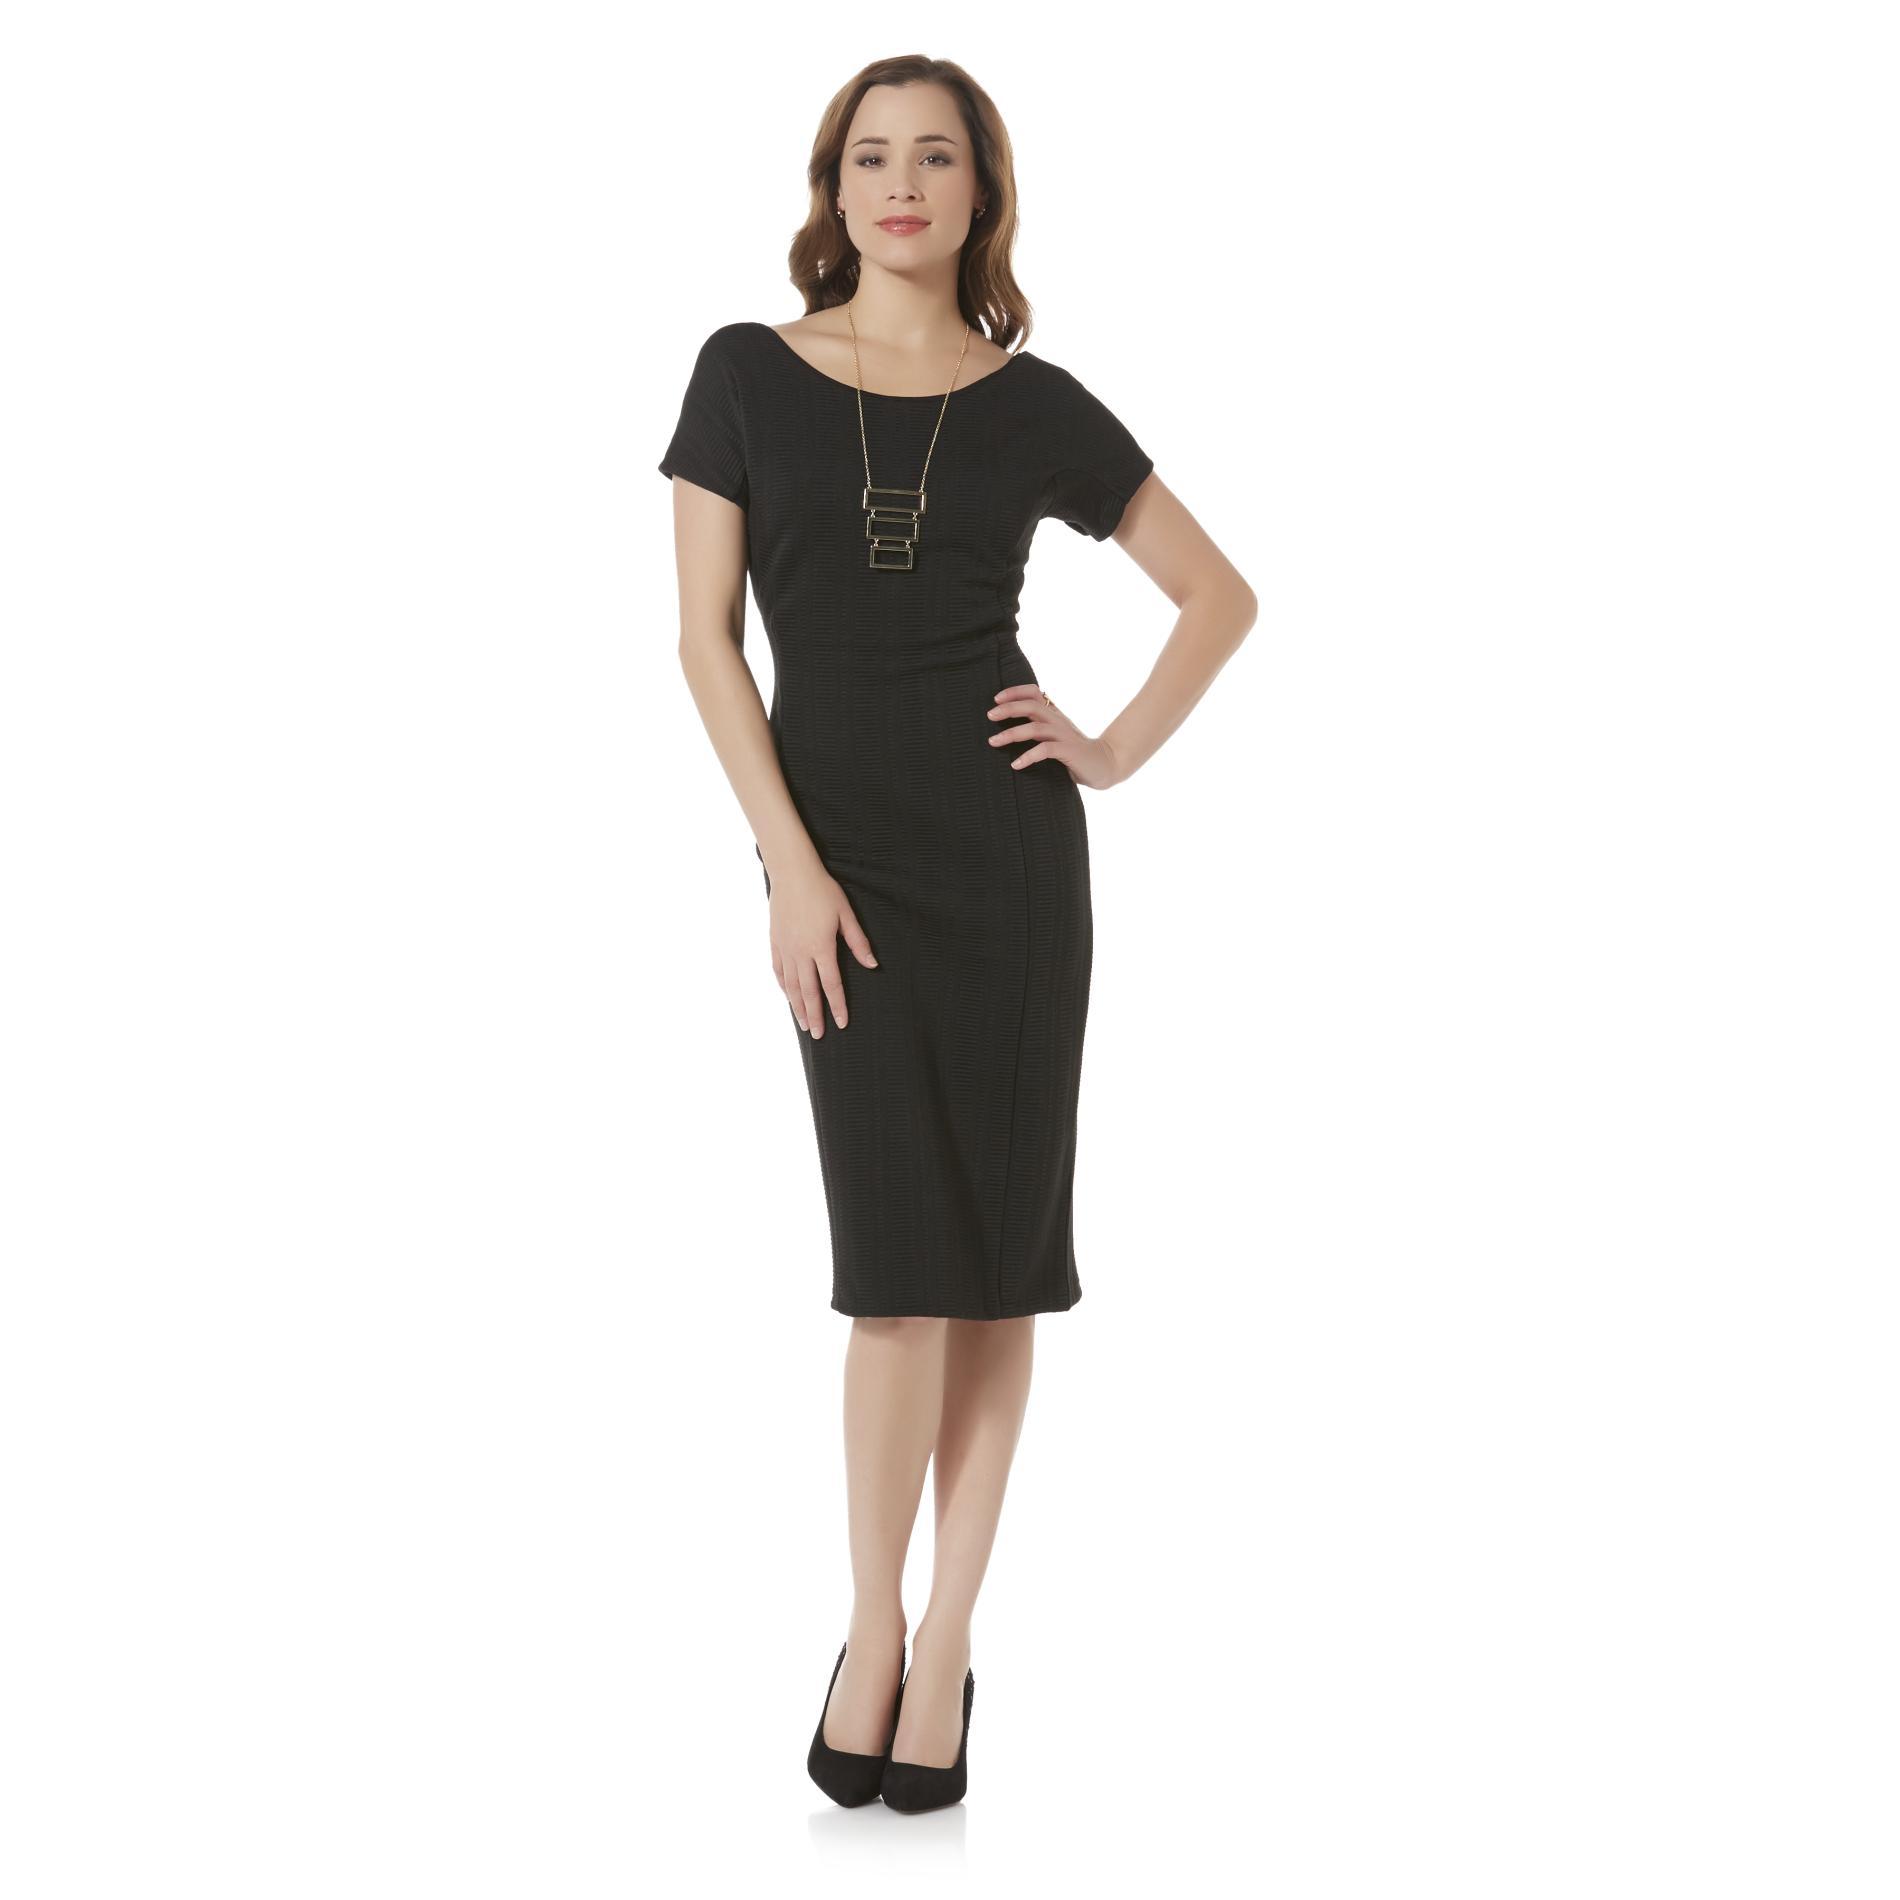 Metaphor Women39s Open Back Dress Sears